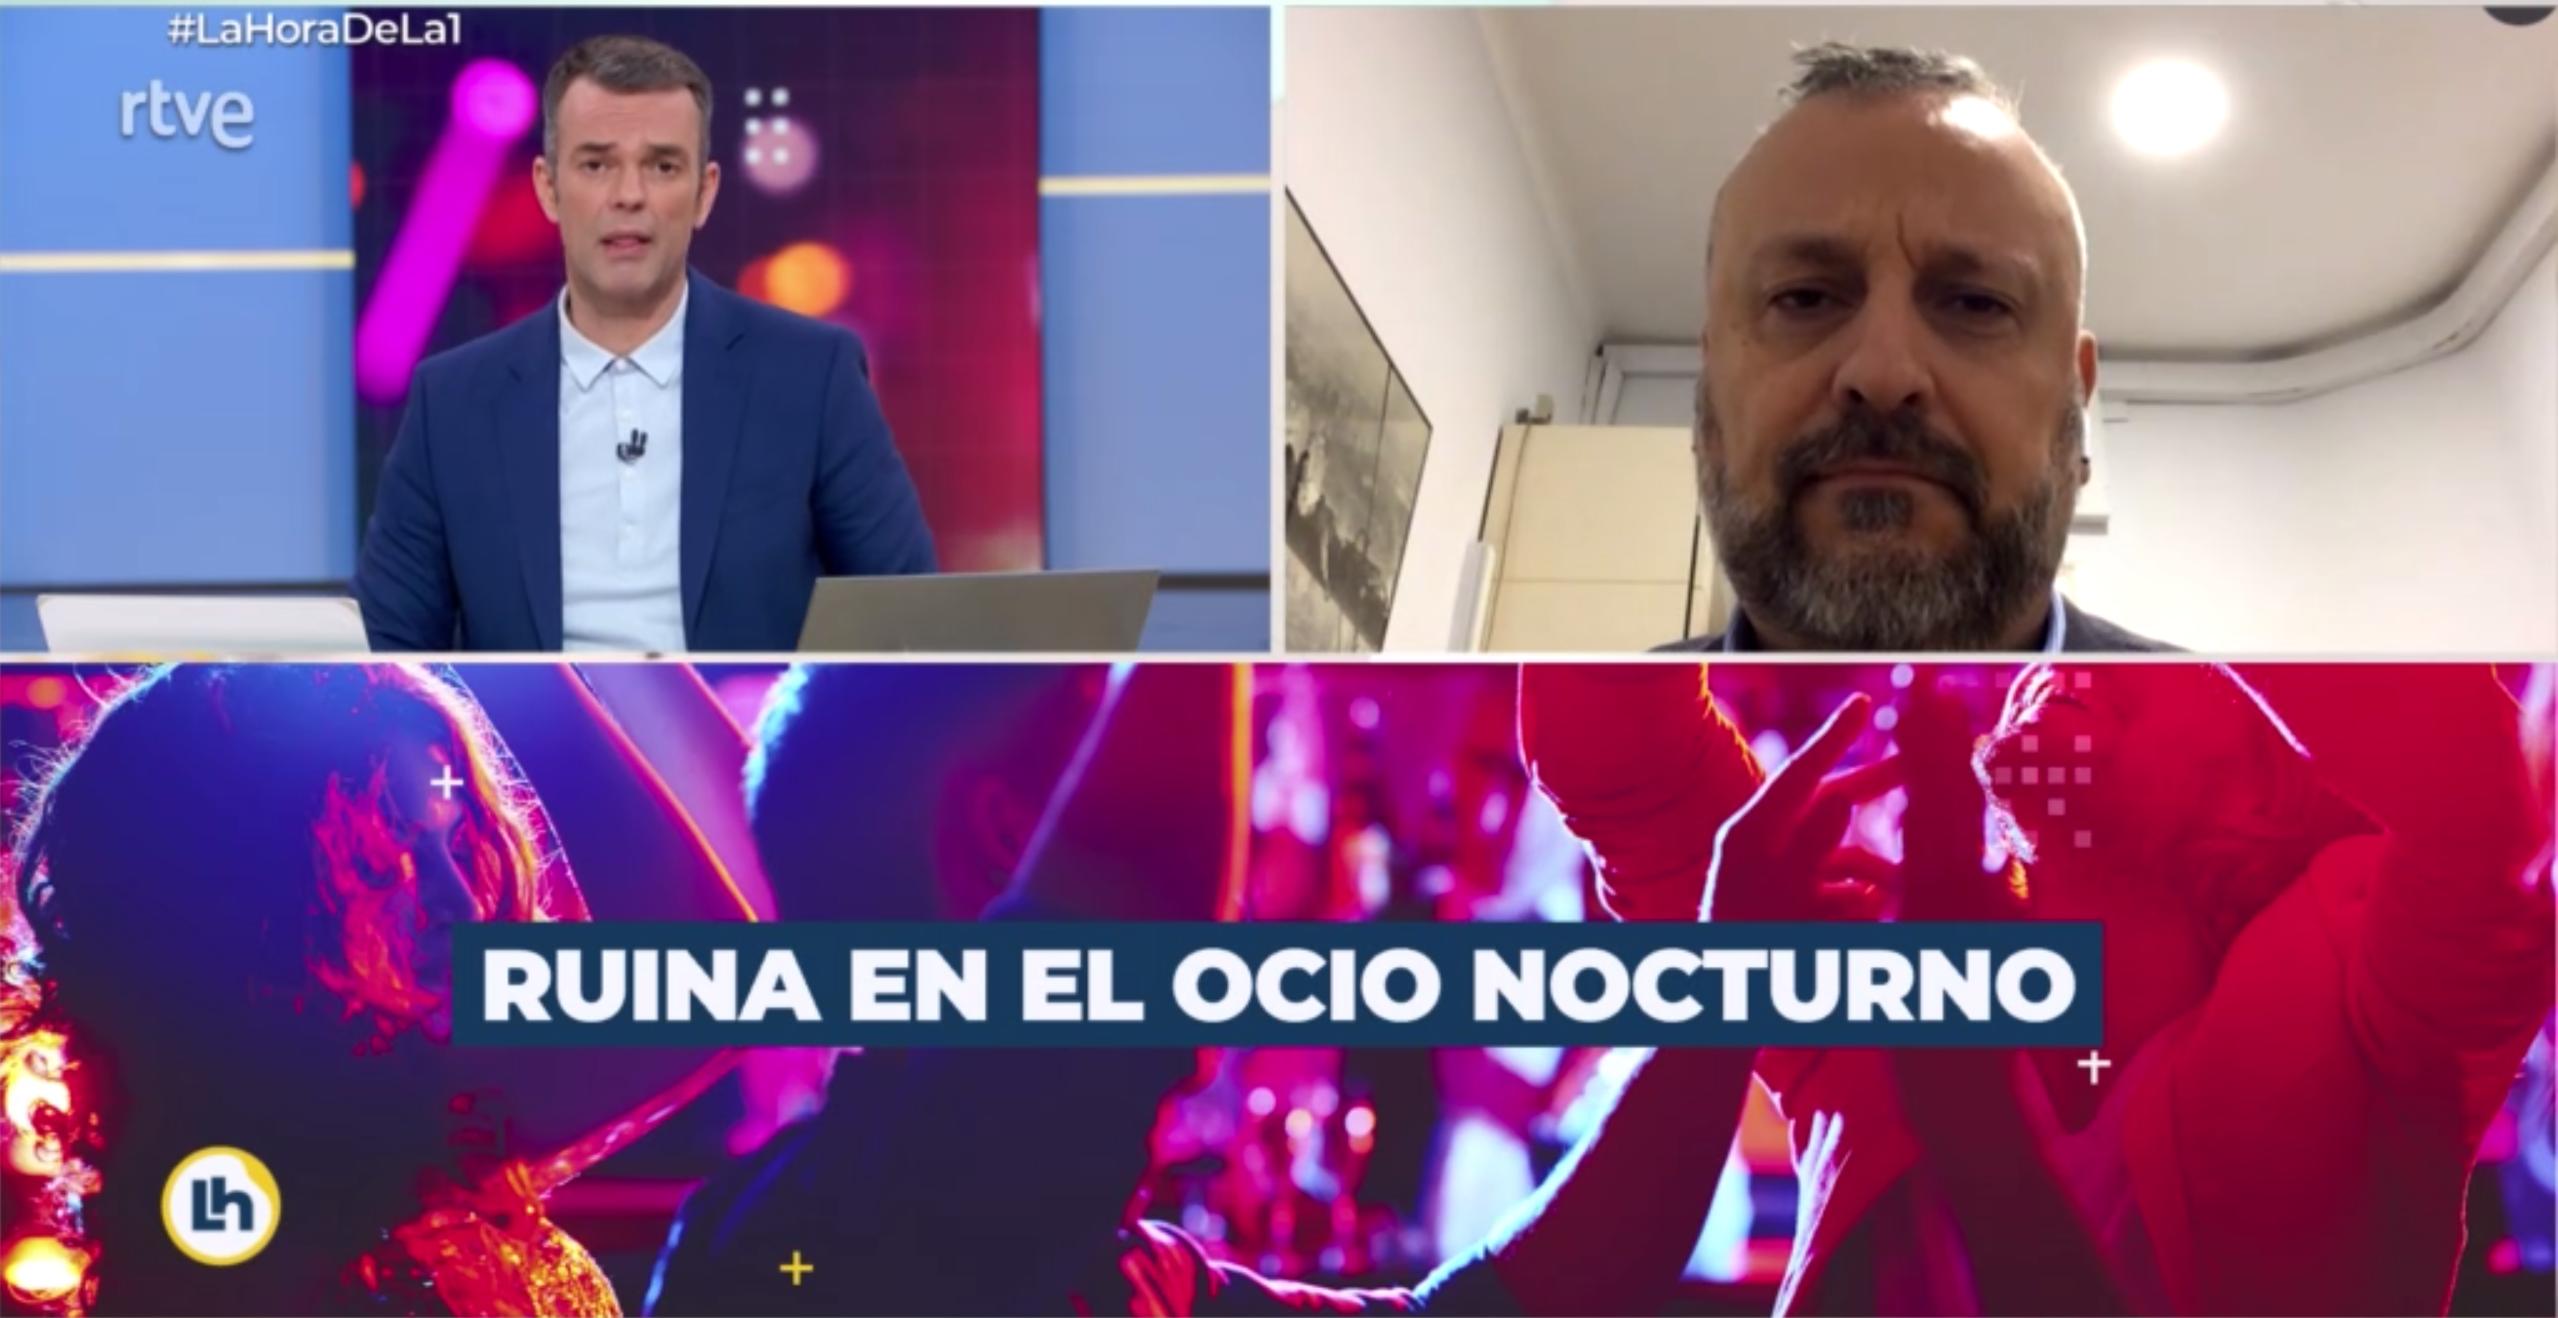 Ramón Mas entrevistado en rtve